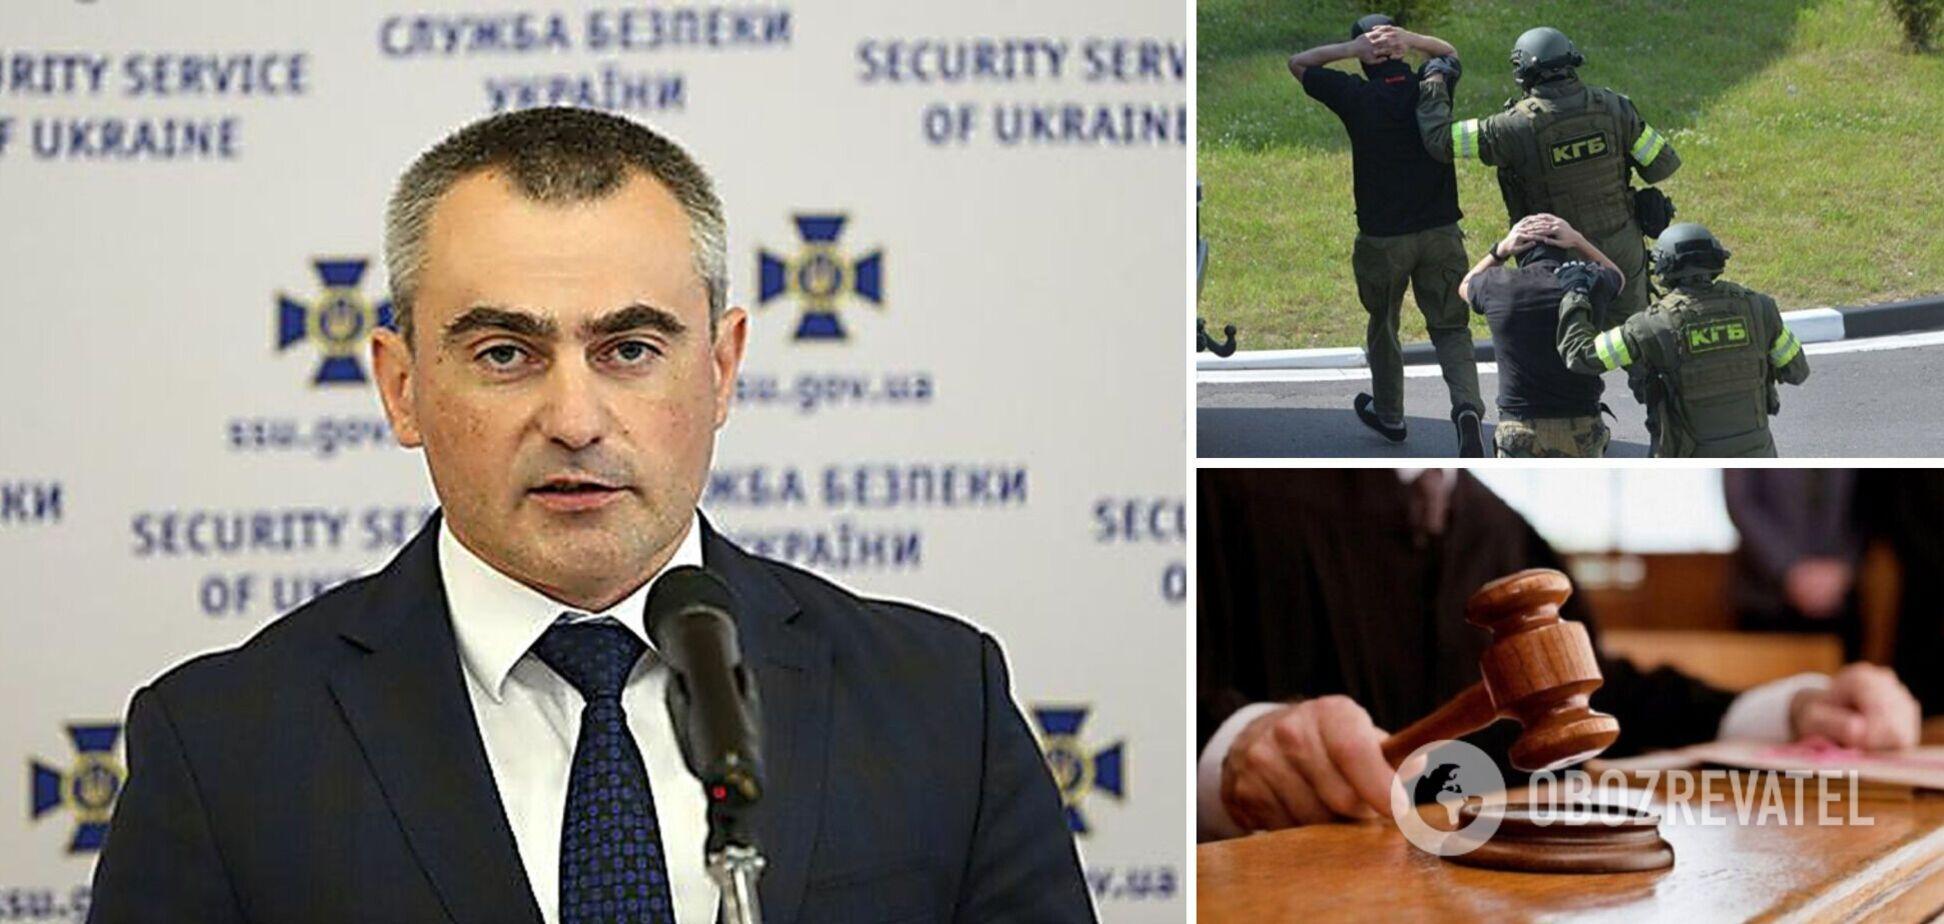 Кононенко подав до Шевченківського суду скаргу на бездіяльність СБУ